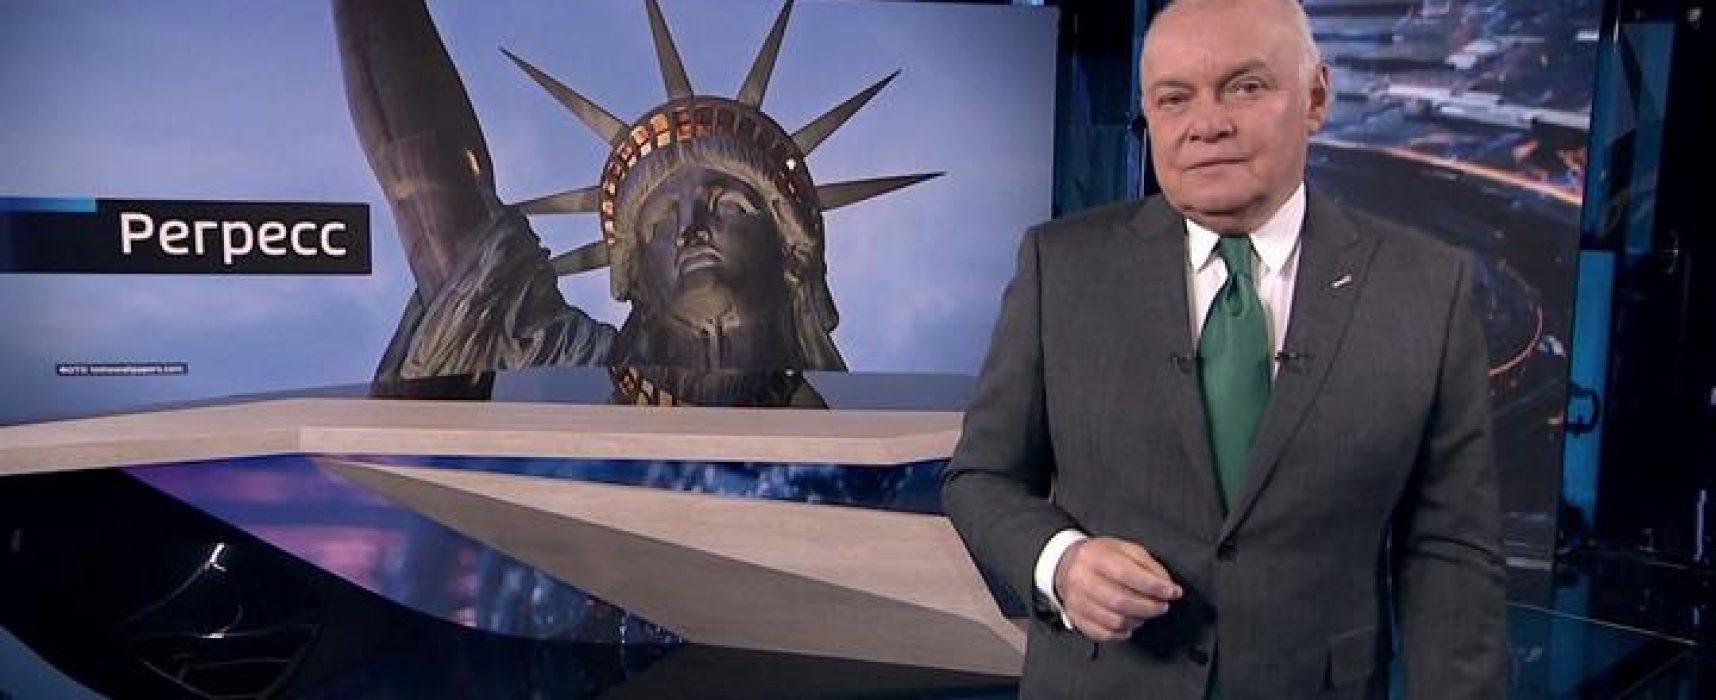 """Фейк на """"Вести недели"""": американските правила за водене на война предвиждат вземането на заложници"""